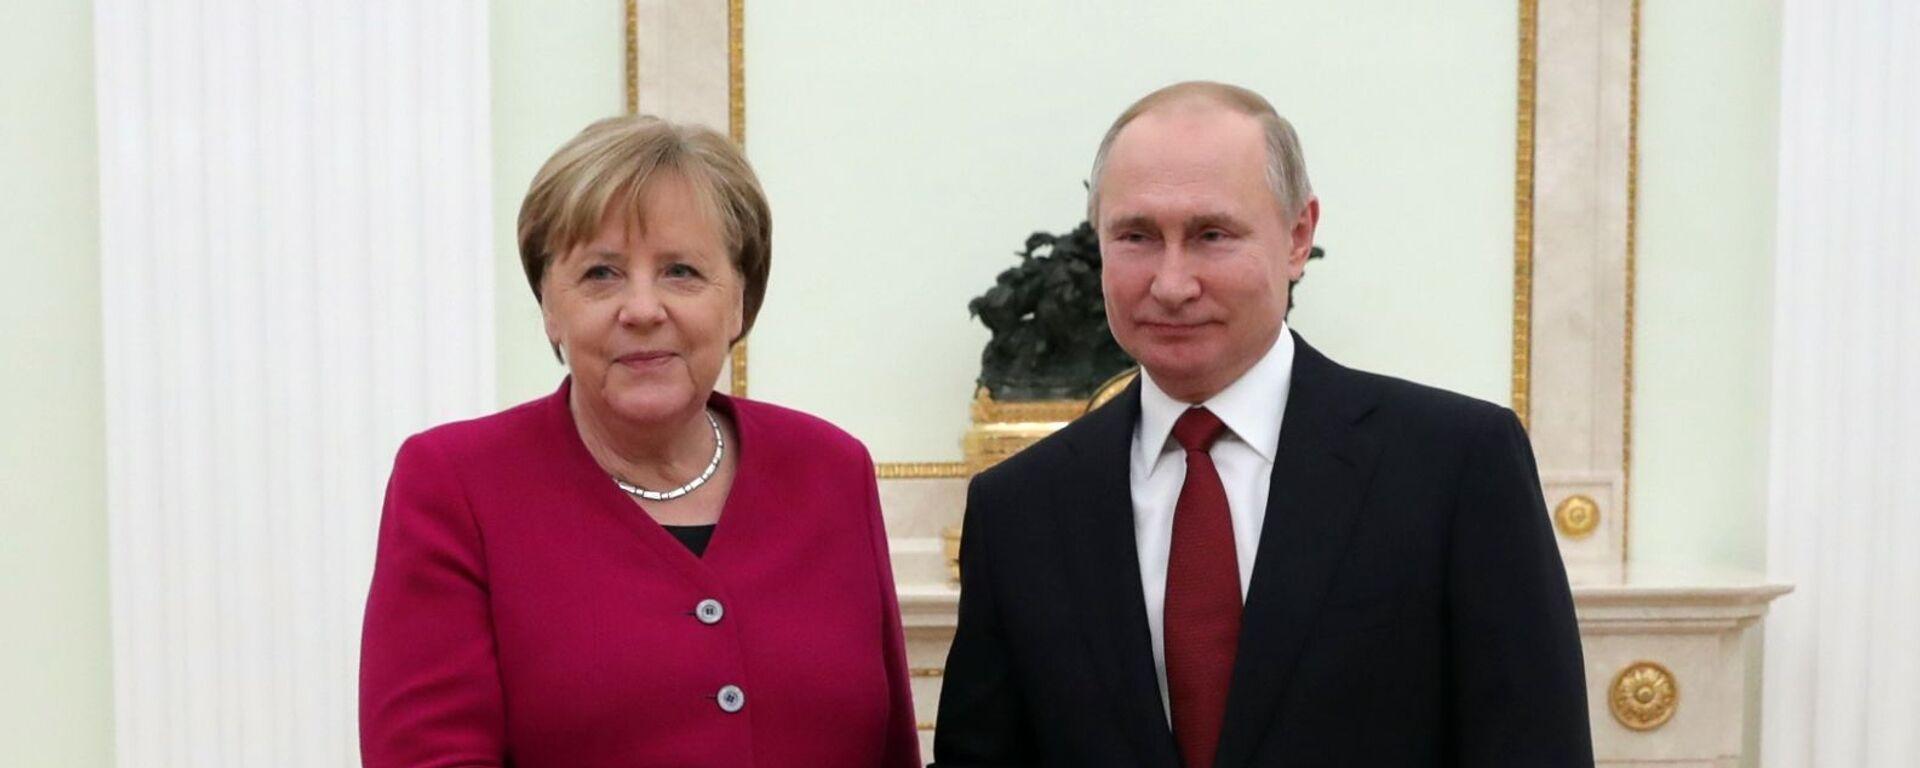 Ruský prezident Putin a německá kancléřka Angela Merkelová - Sputnik Česká republika, 1920, 22.06.2021